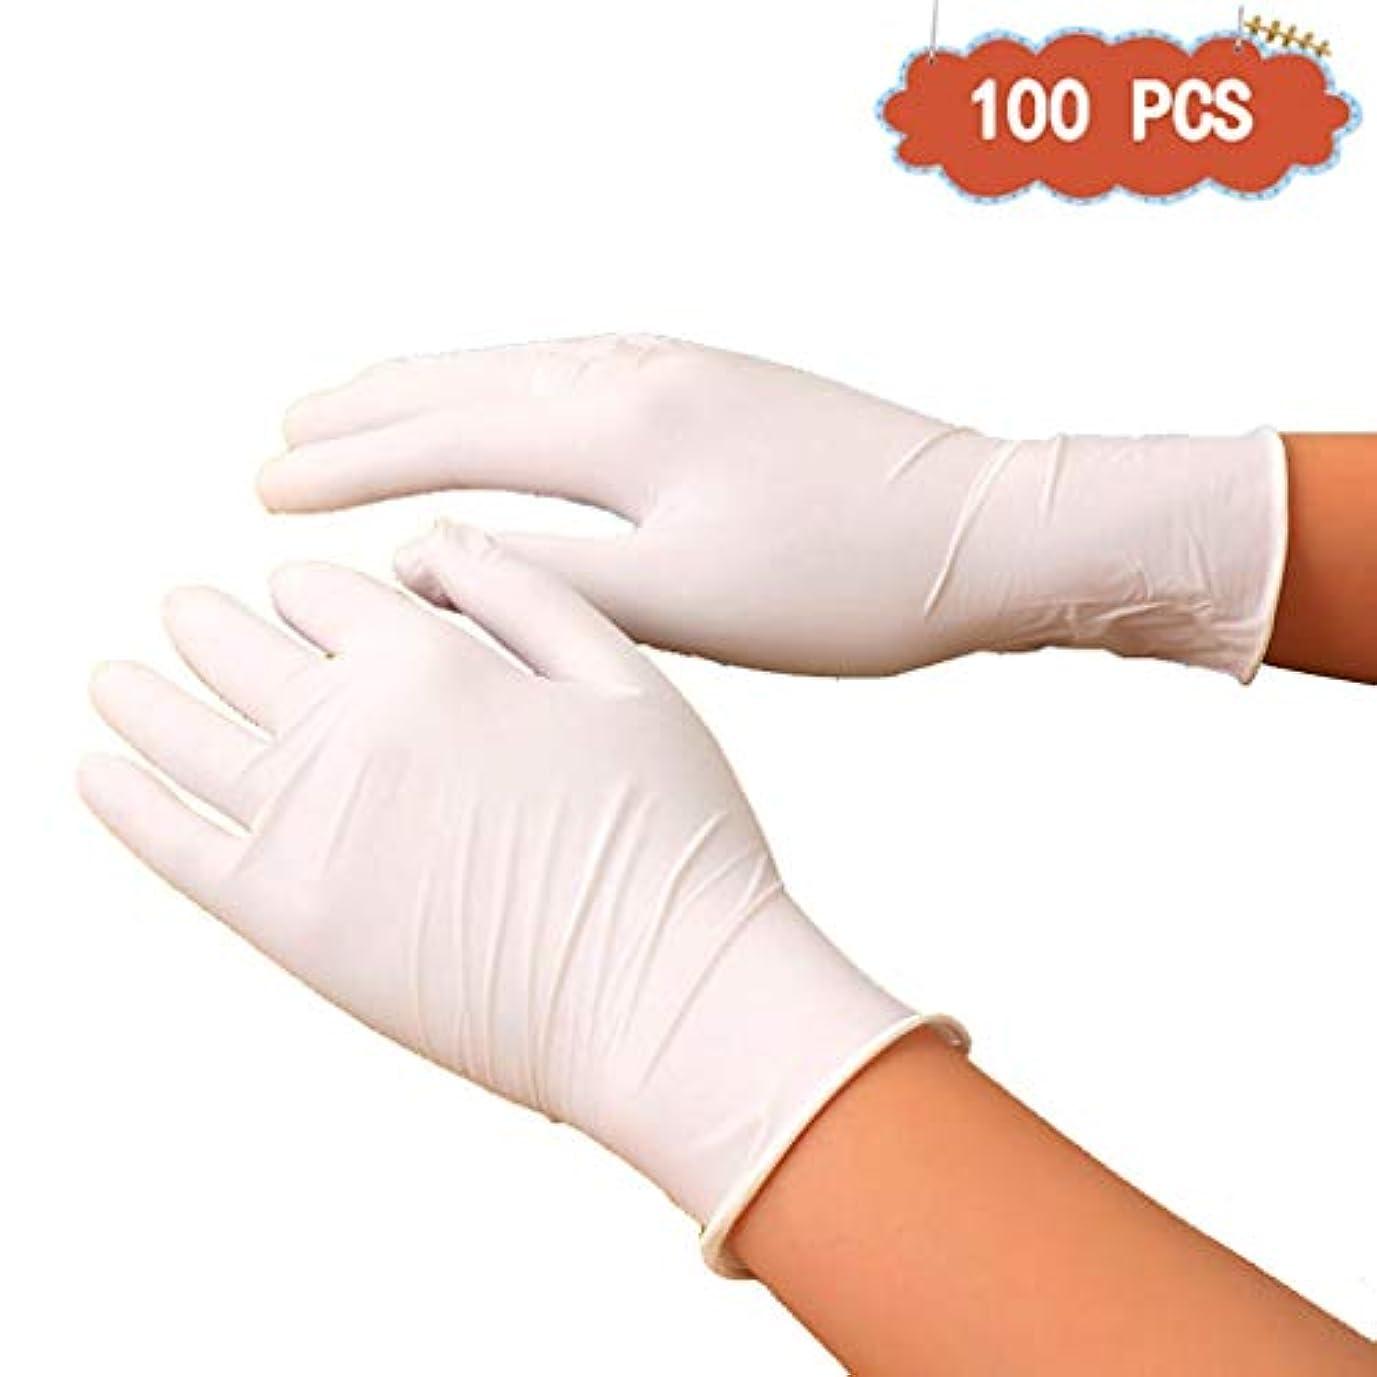 松びっくりインドニトリルホームクリーニングと酸とアルカリ使い捨て手袋ペットケアネイルアート検査保護実験、美容院ラテックスフリー、パウダーフリー、両手利き、100個 (Color : White, Size : M)